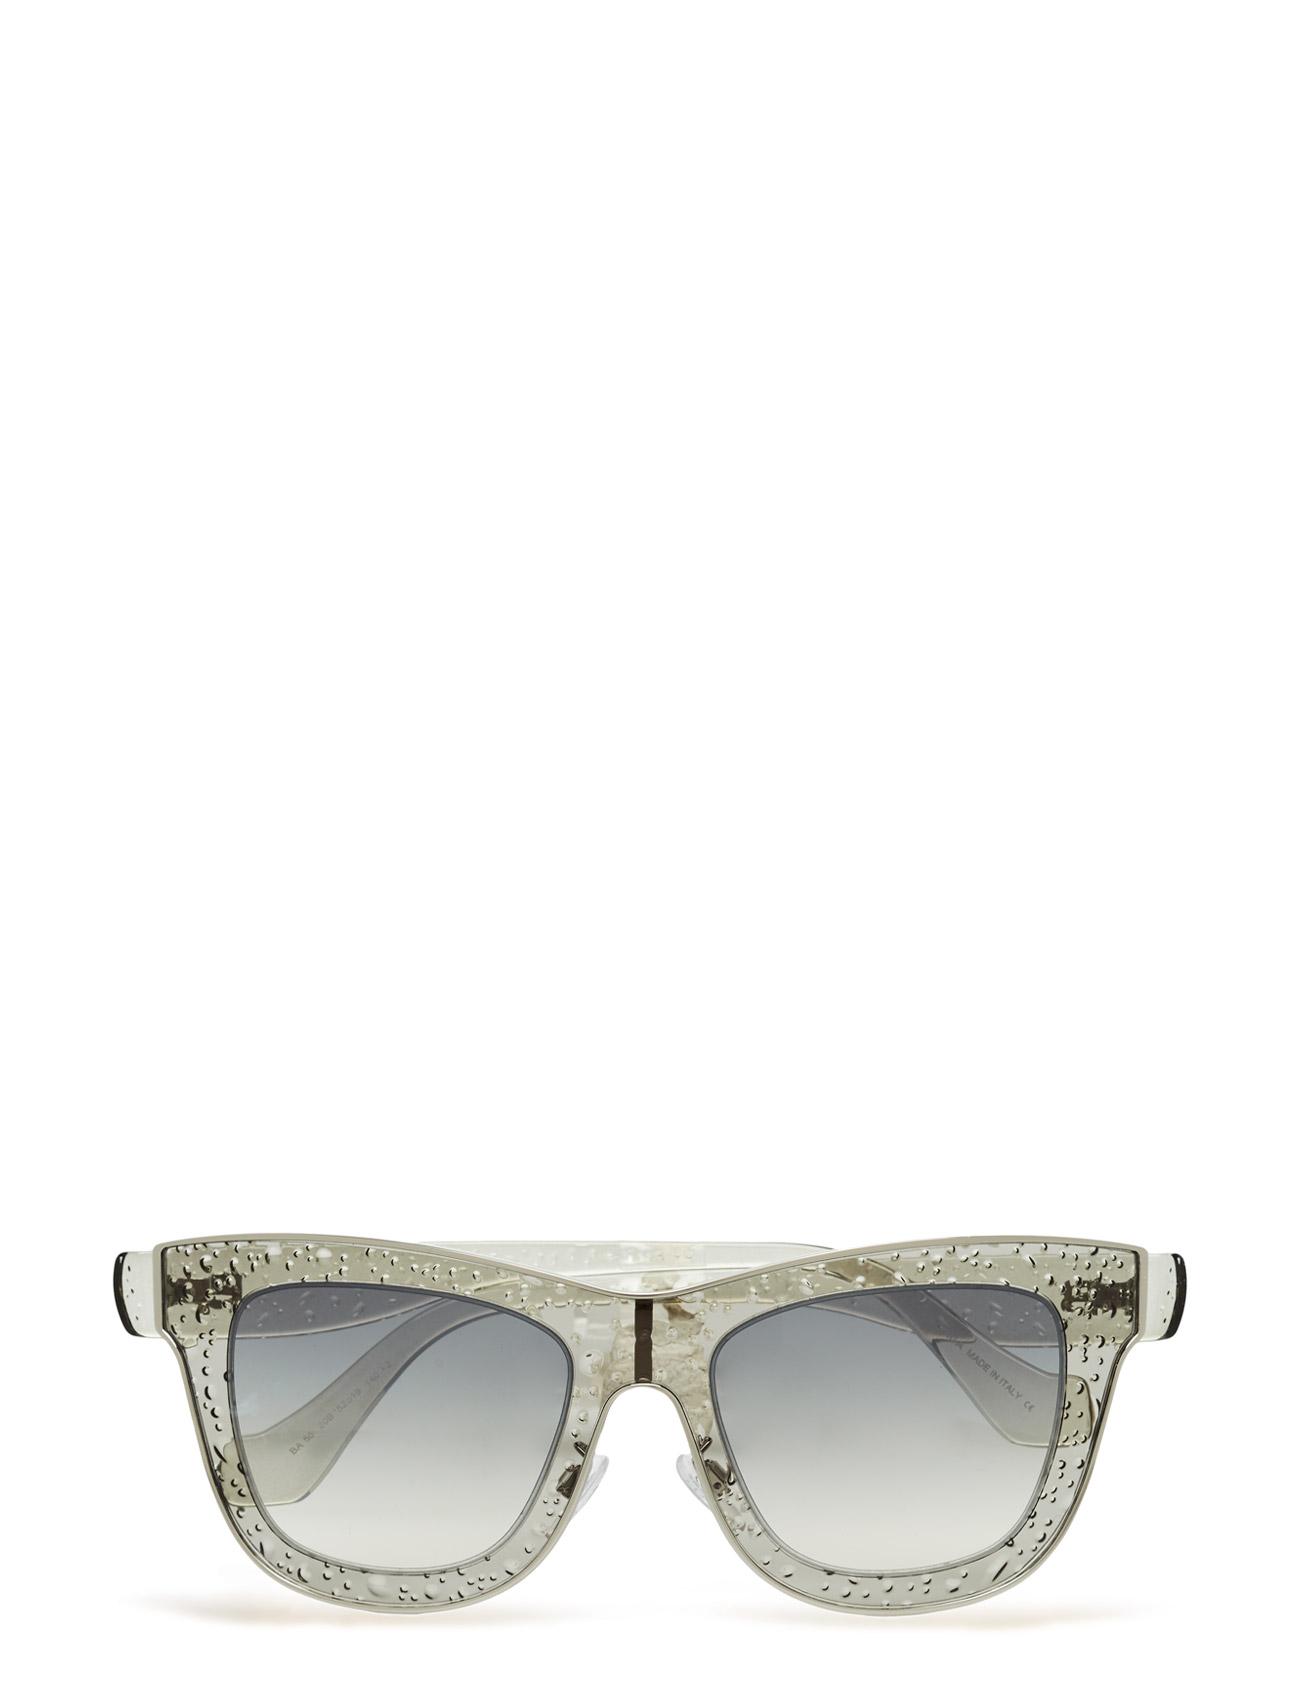 balenciaga sunglasses – Ba0055 på boozt.com dk